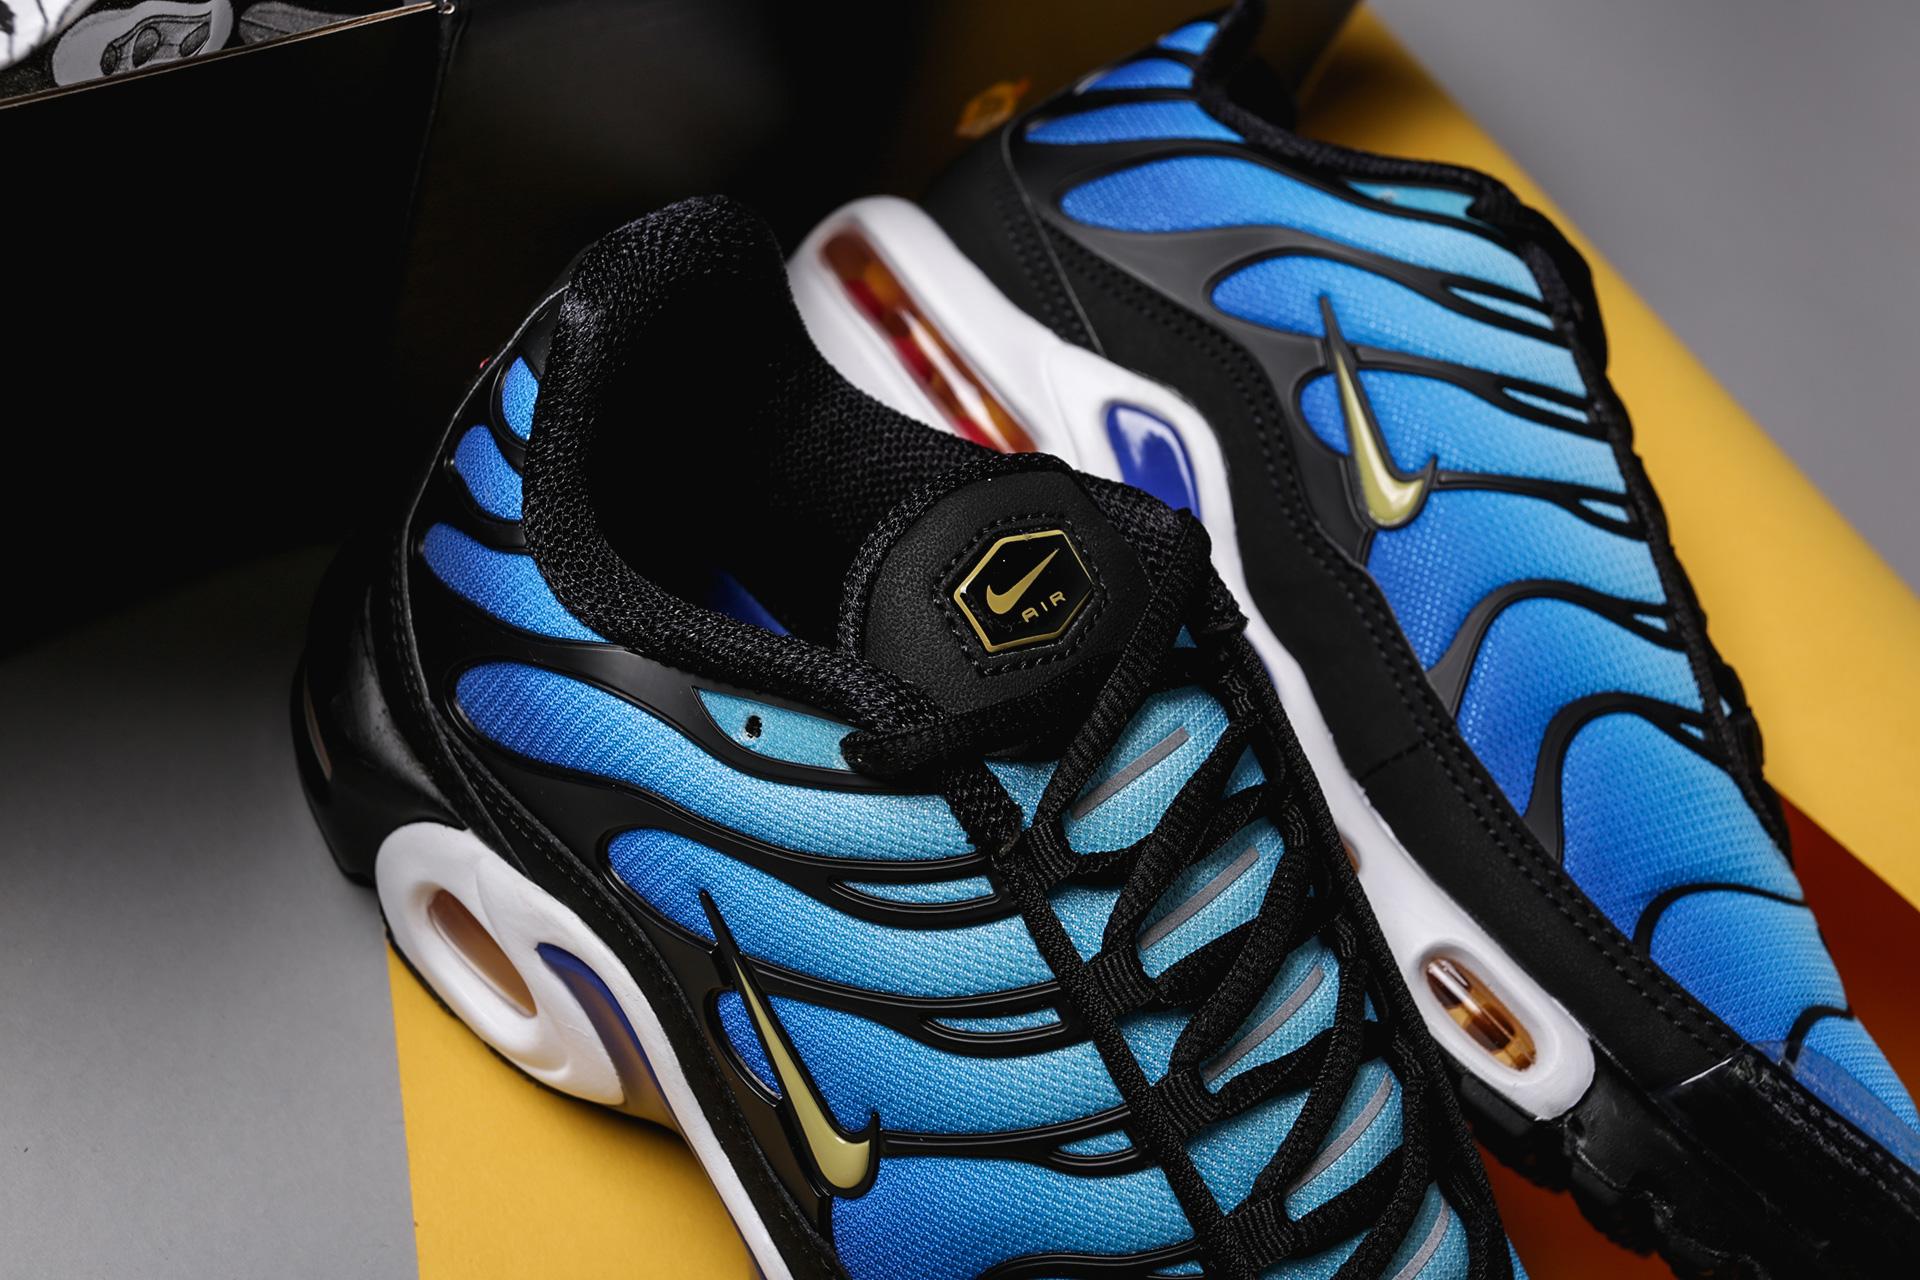 a8c34d7f8c4e12 ... 3 картинки · Купить мужские синие кроссовки Nike Air Max Plus OG - фото  4 картинки ...